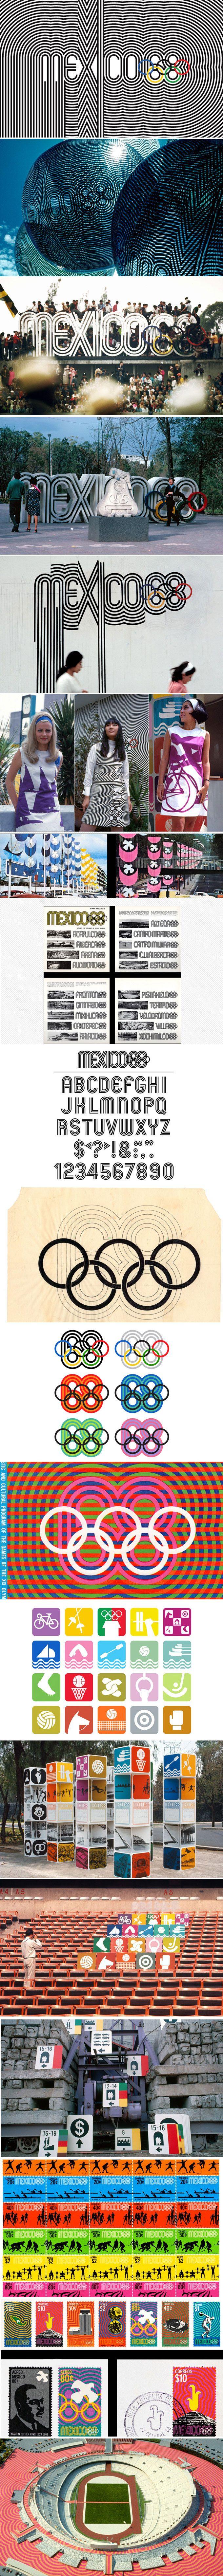 México 68 Olympics by Pedro Ramírez Vázquez & Lance Wyman